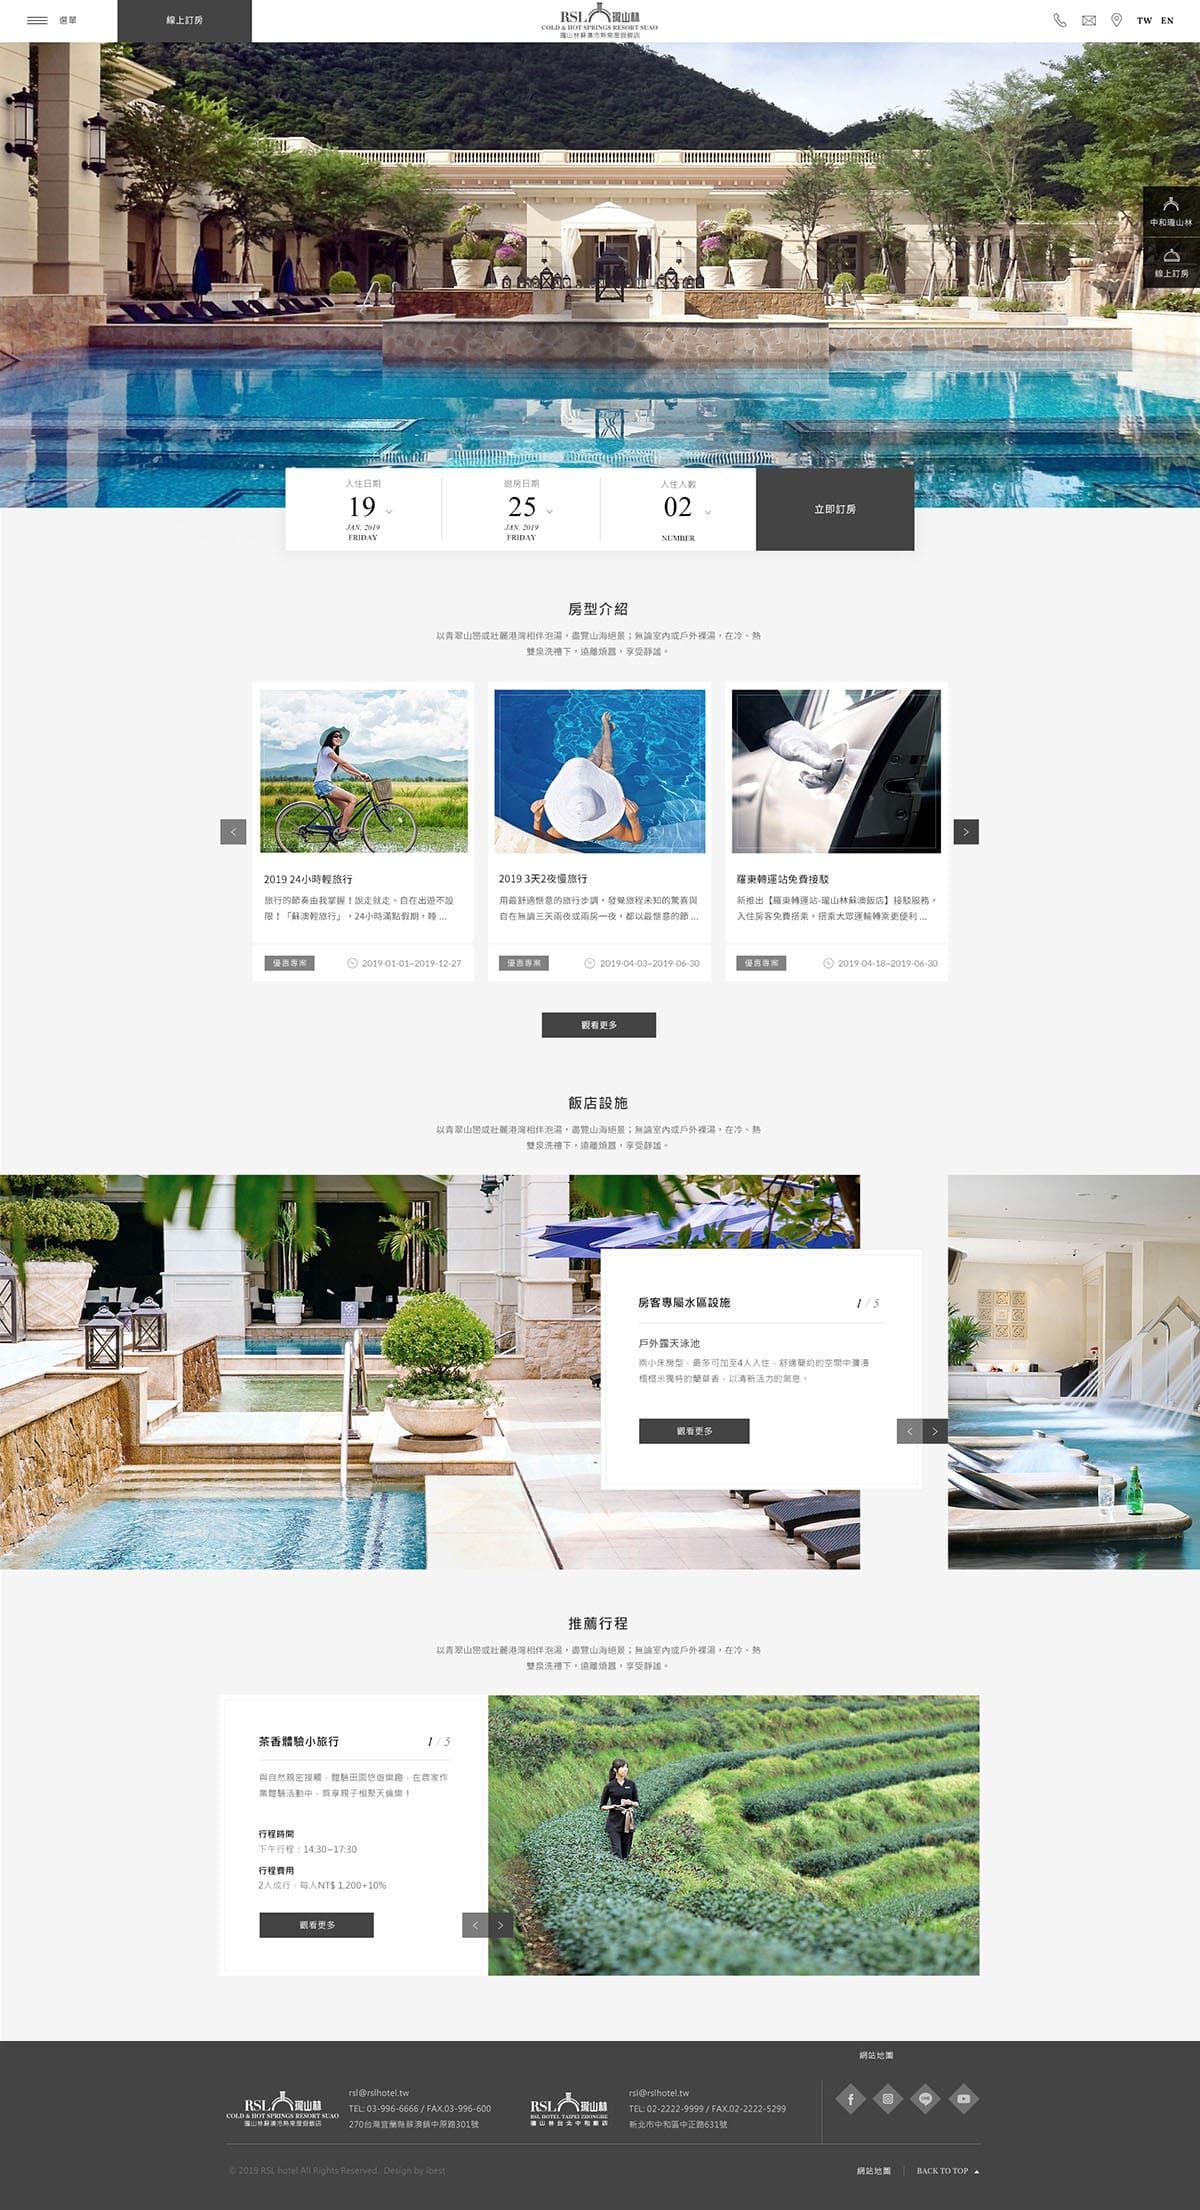 瓏山林旅館事業-網頁設計